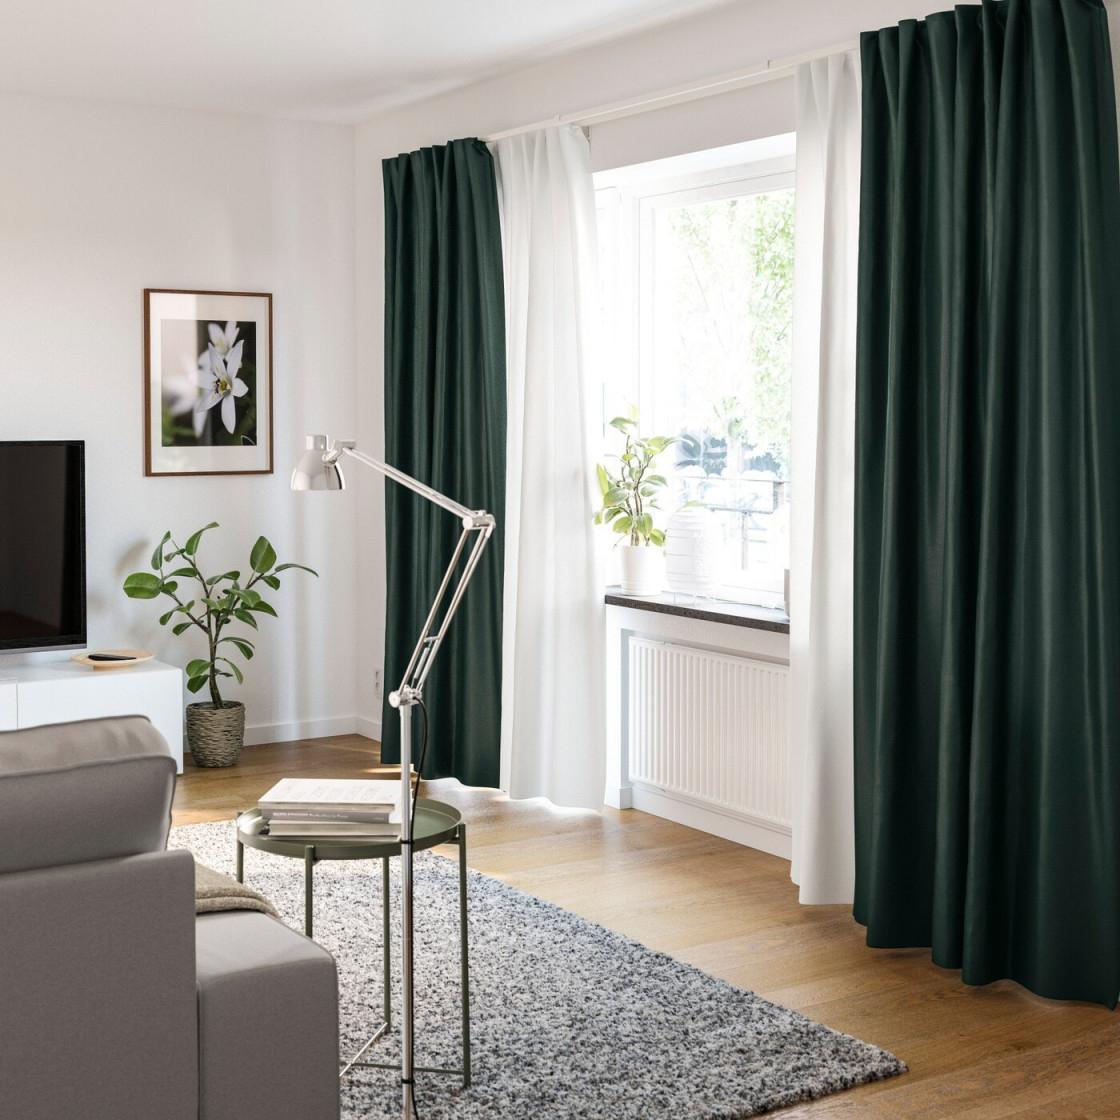 Gardinenideen Inspirationen Für Dein Zuhause  Ikea von Suche Gardinen Wohnzimmer Bild